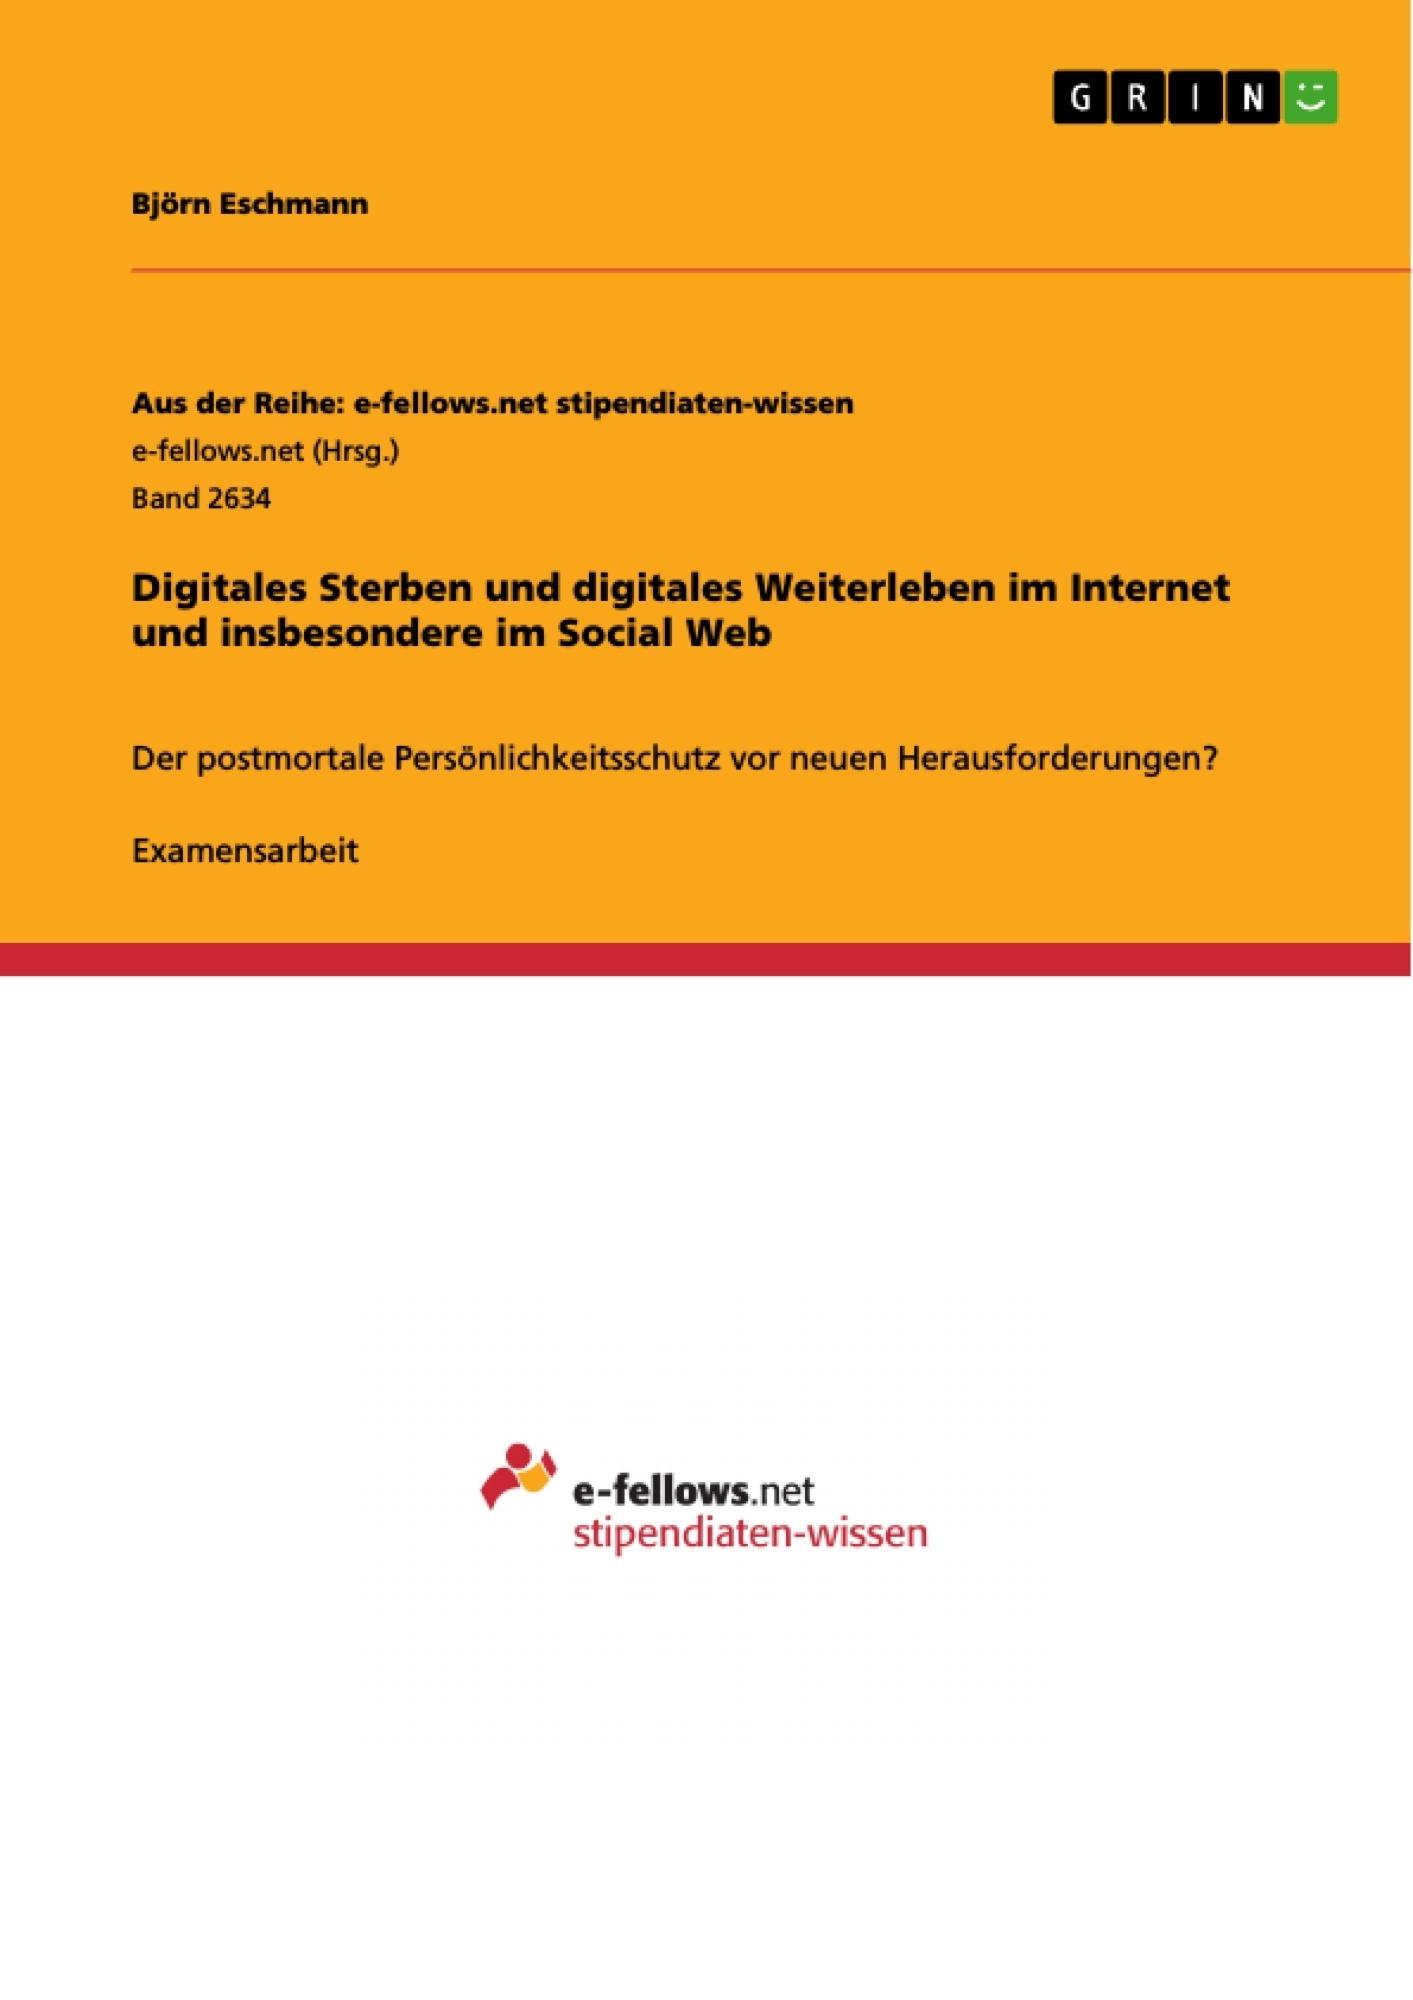 Titel: Digitales Sterben und digitales Weiterleben im Internet und insbesondere im Social Web